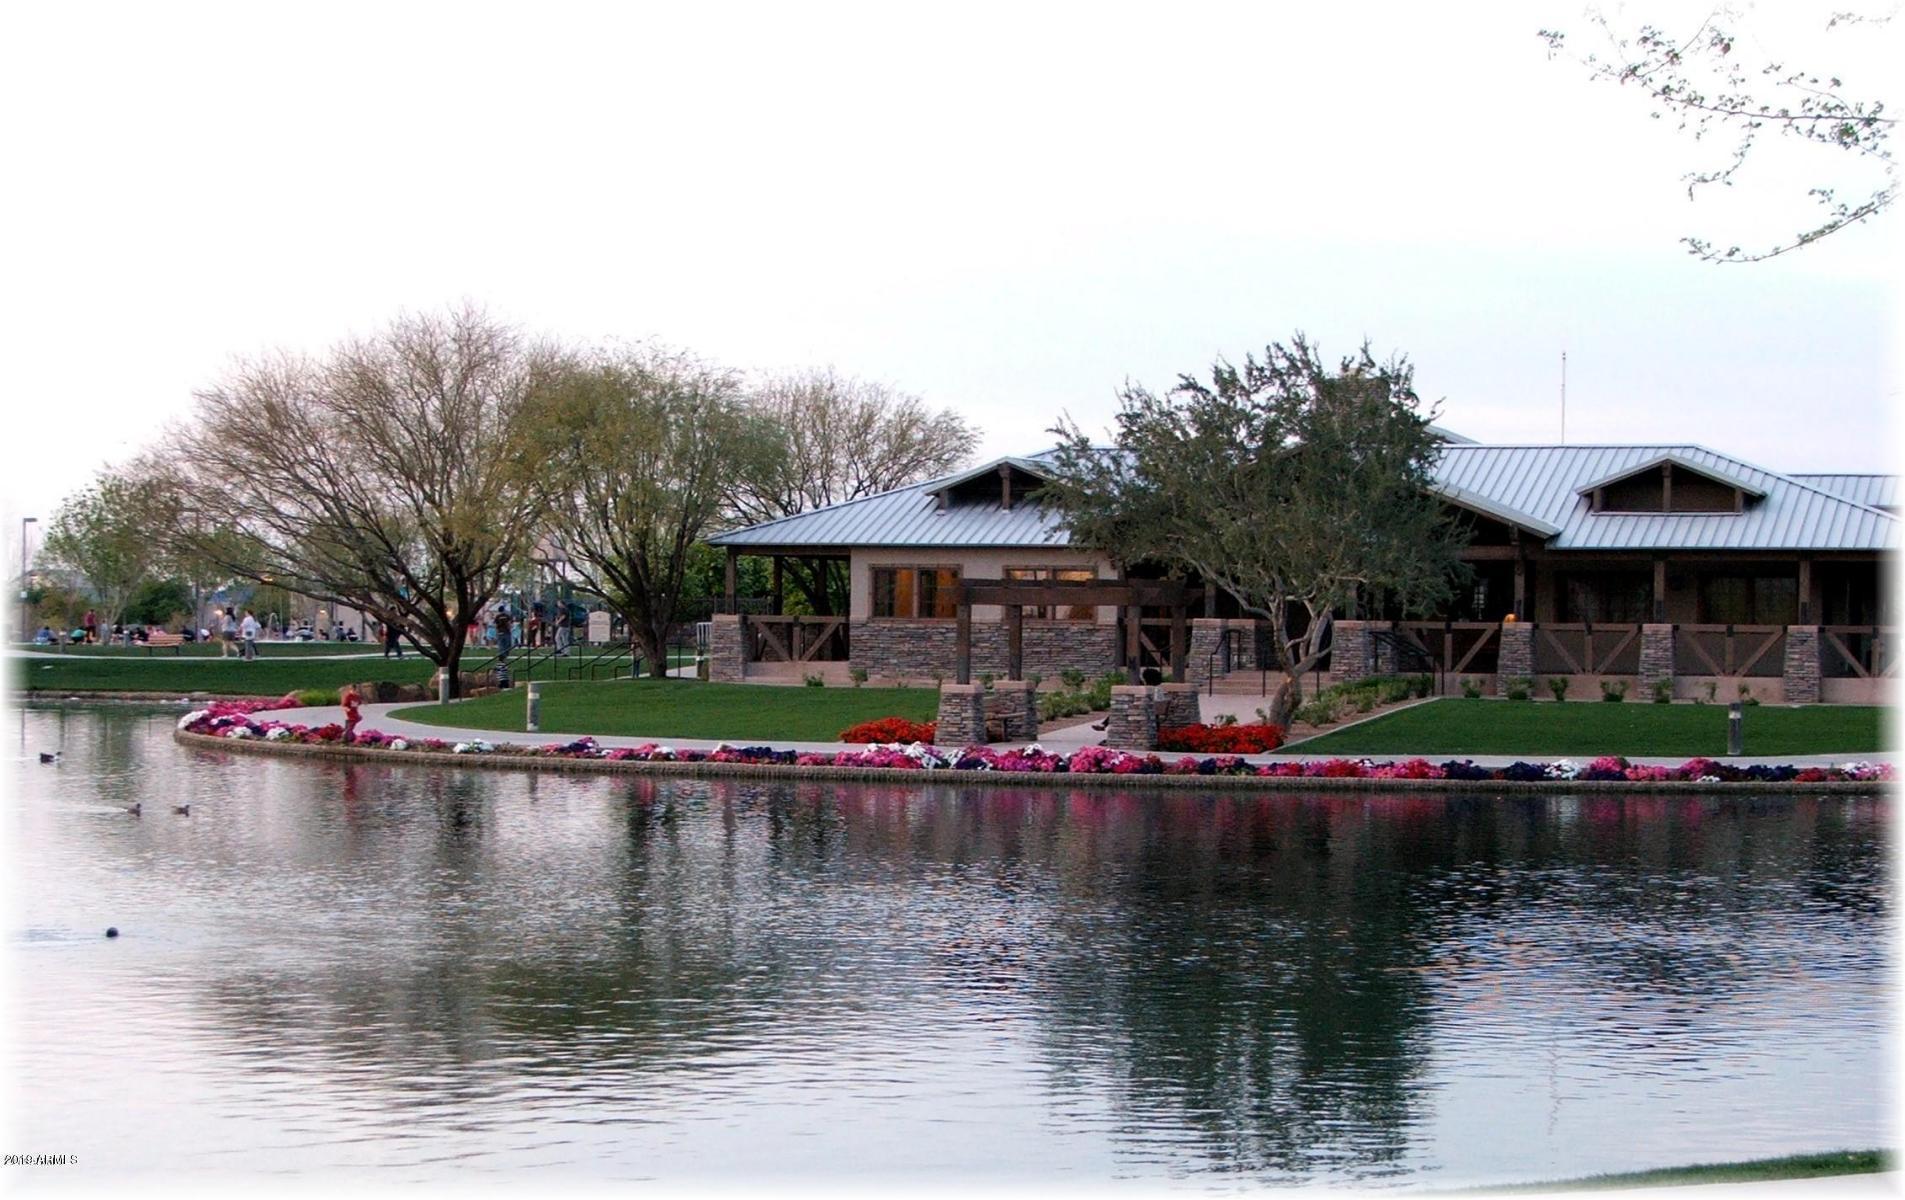 MLS 5968313 4768 E IRONHORSE Road, Gilbert, AZ 85297 Power Ranch